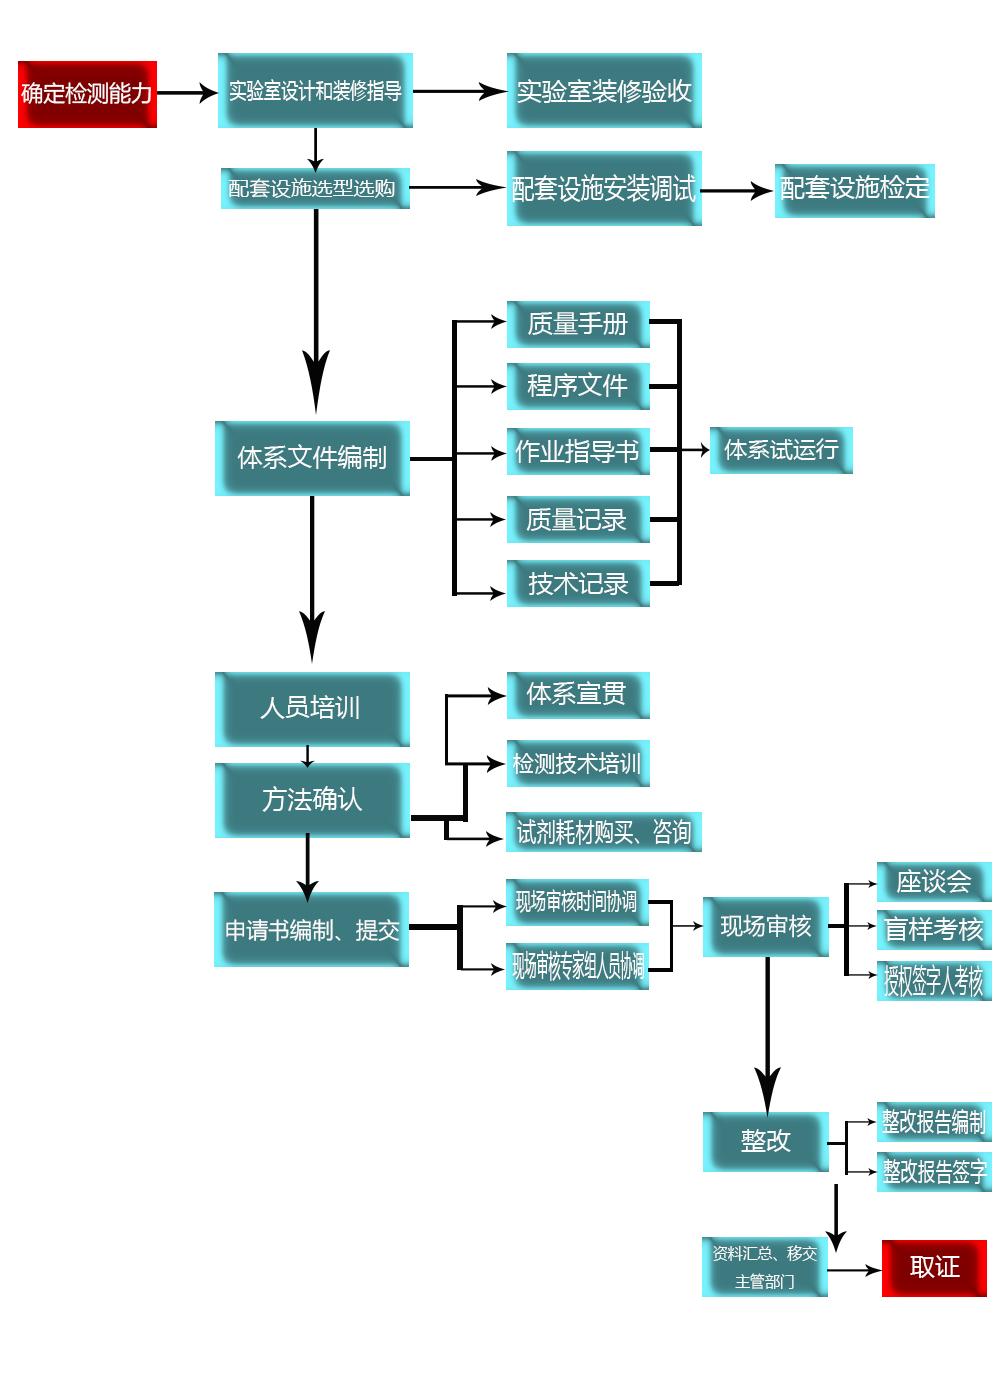 资质认证流程